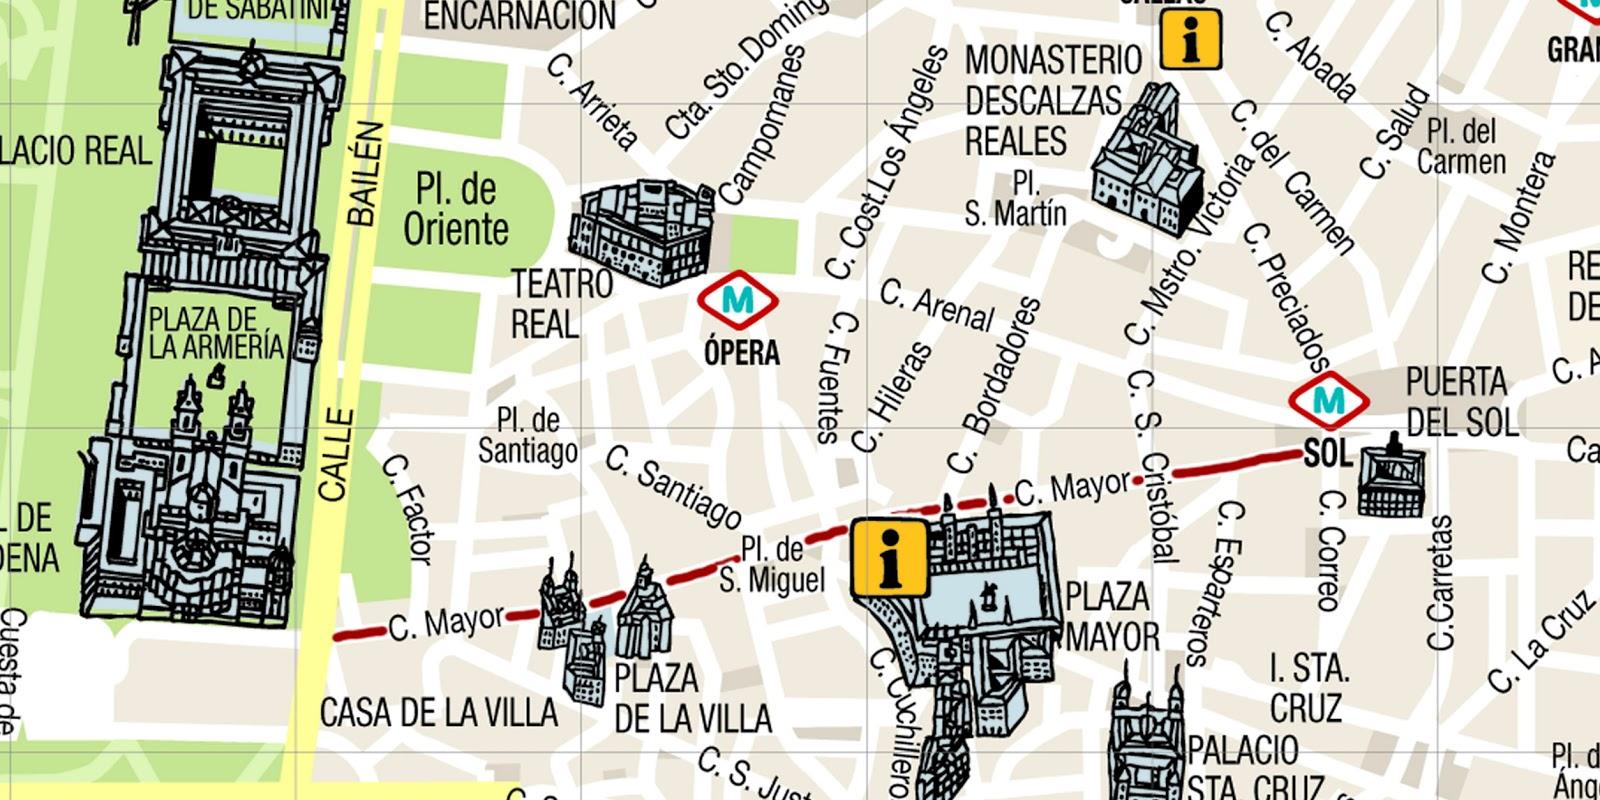 Descubriendo mayrit guia de turismo en madrid calle mayor for Puerta del sol madrid mapa